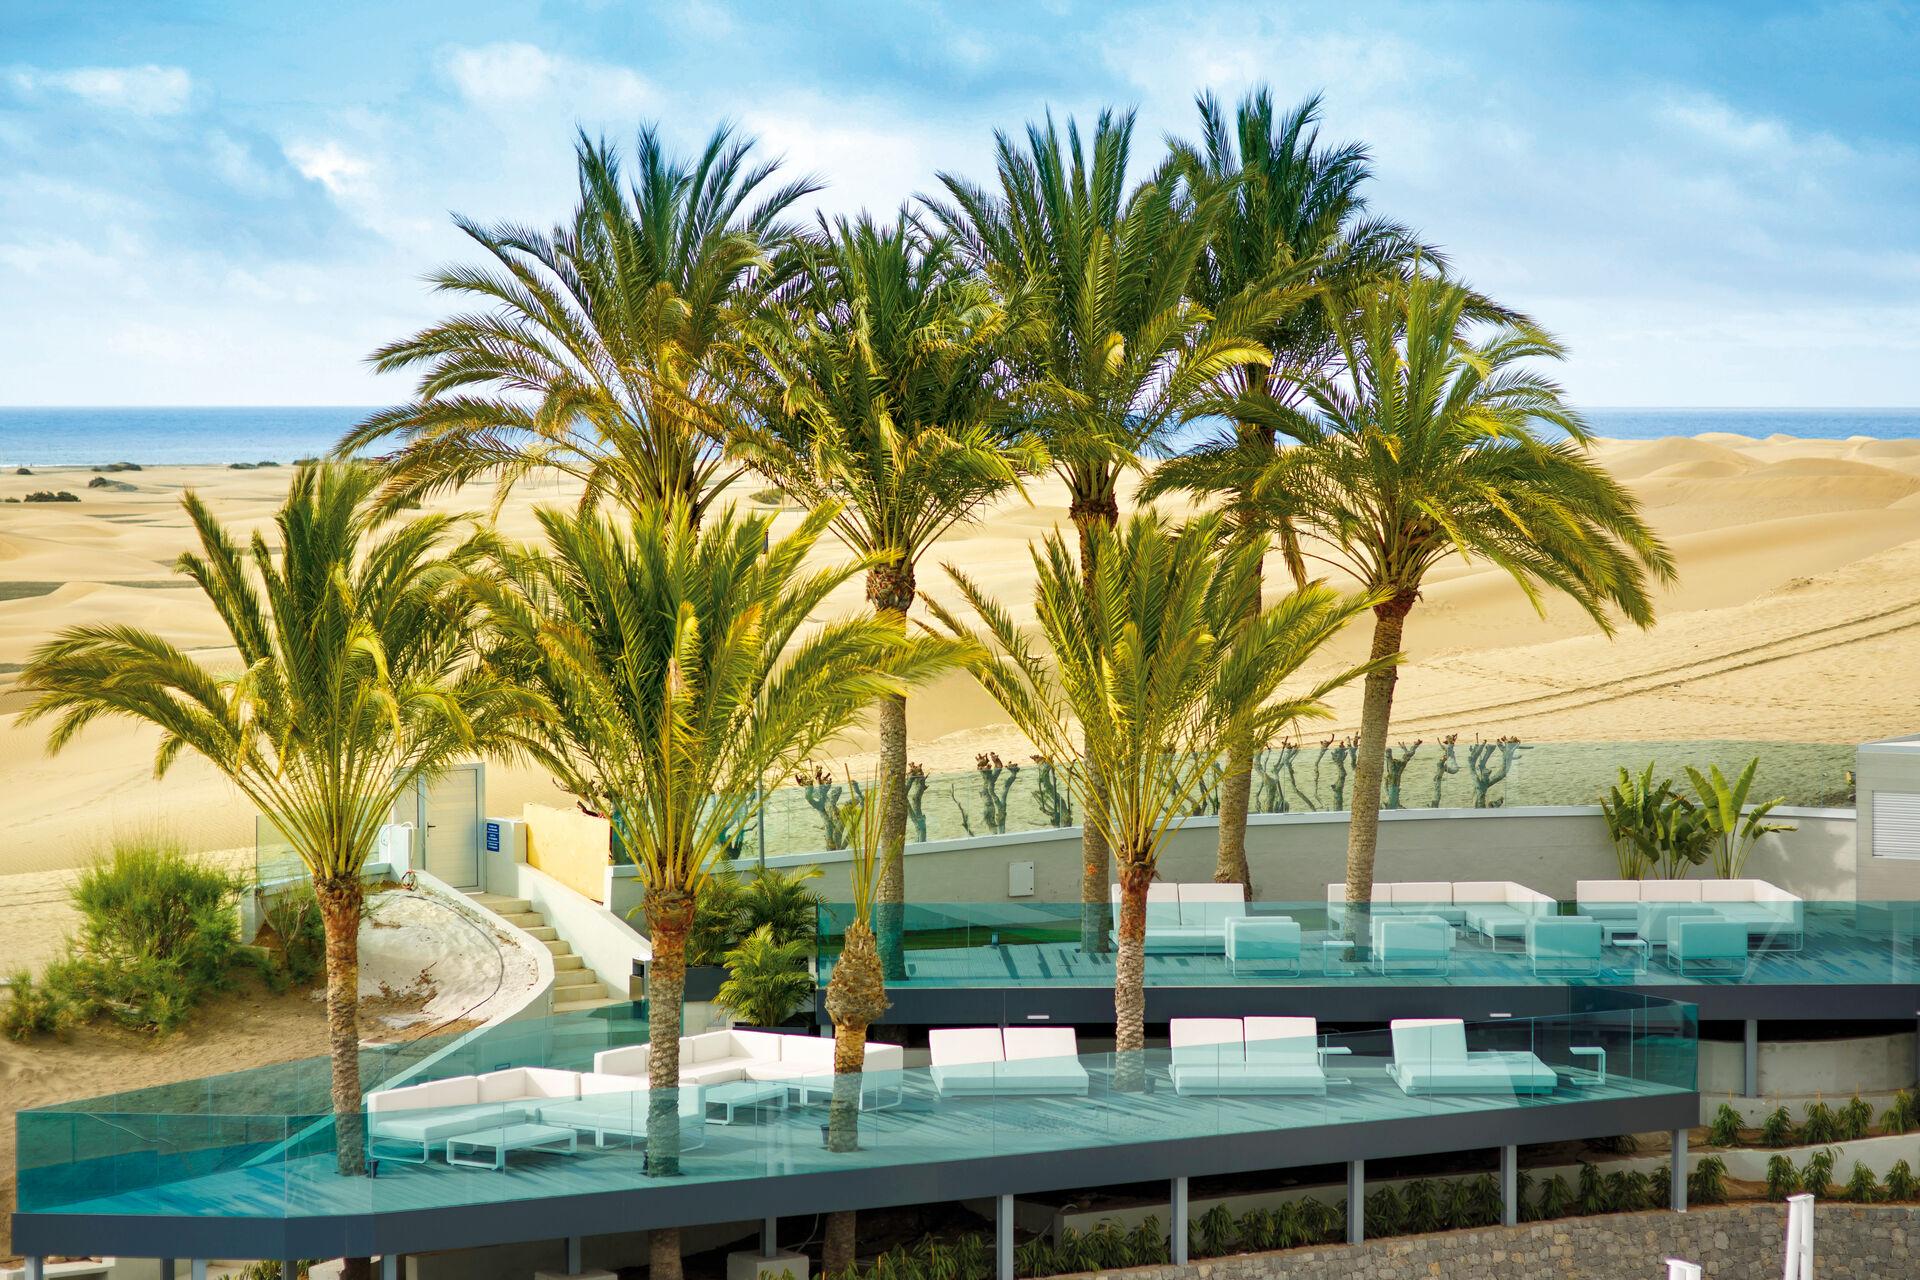 Séjour Las Palmas - Santa Monica Suites Hotel - 4*